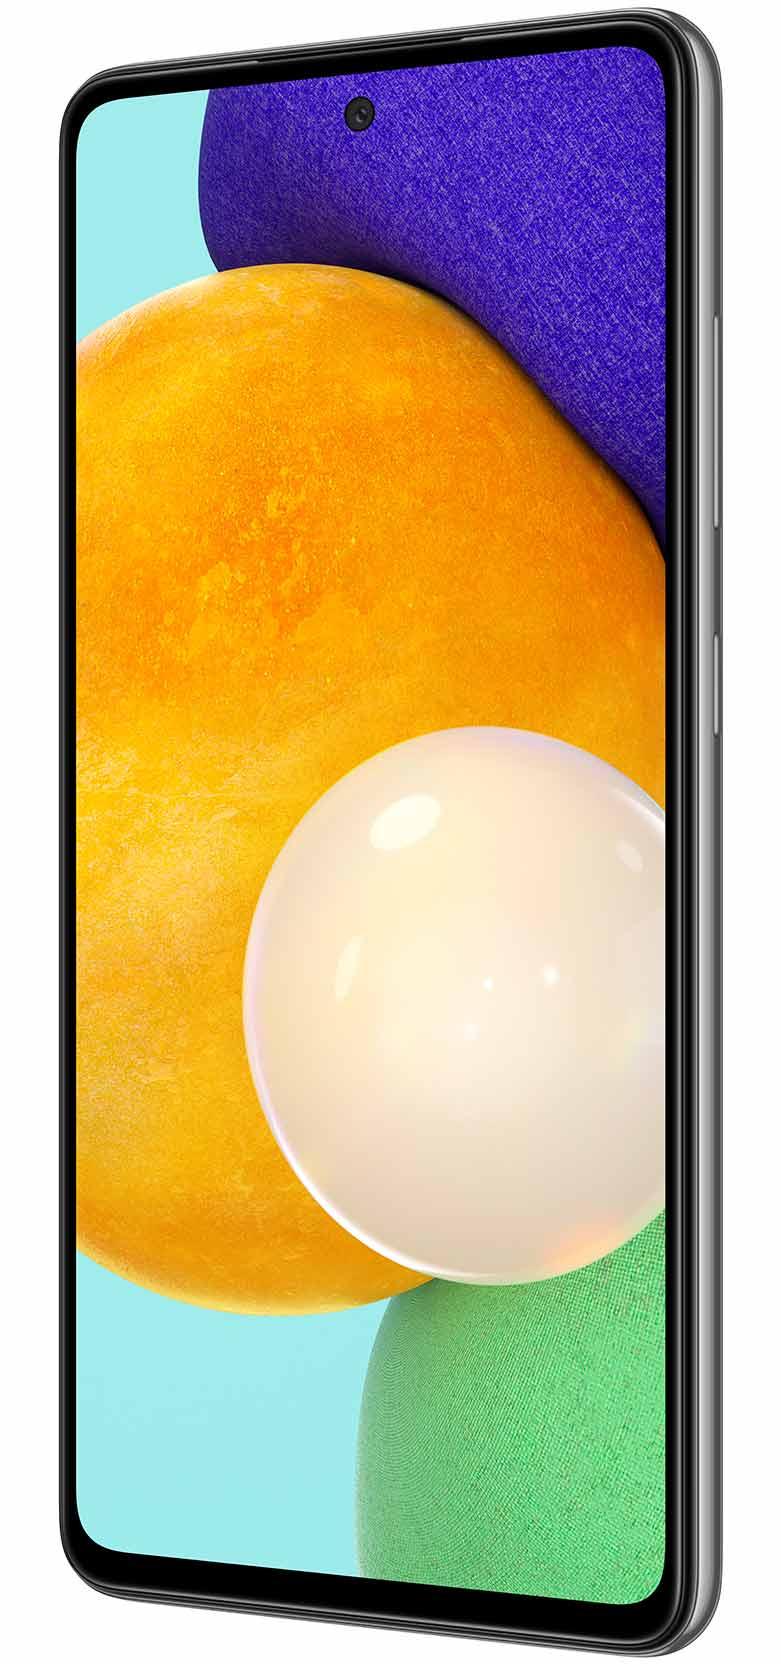 Samsung Galaxy A52 DS (SM-A525) 256GB Black - 2